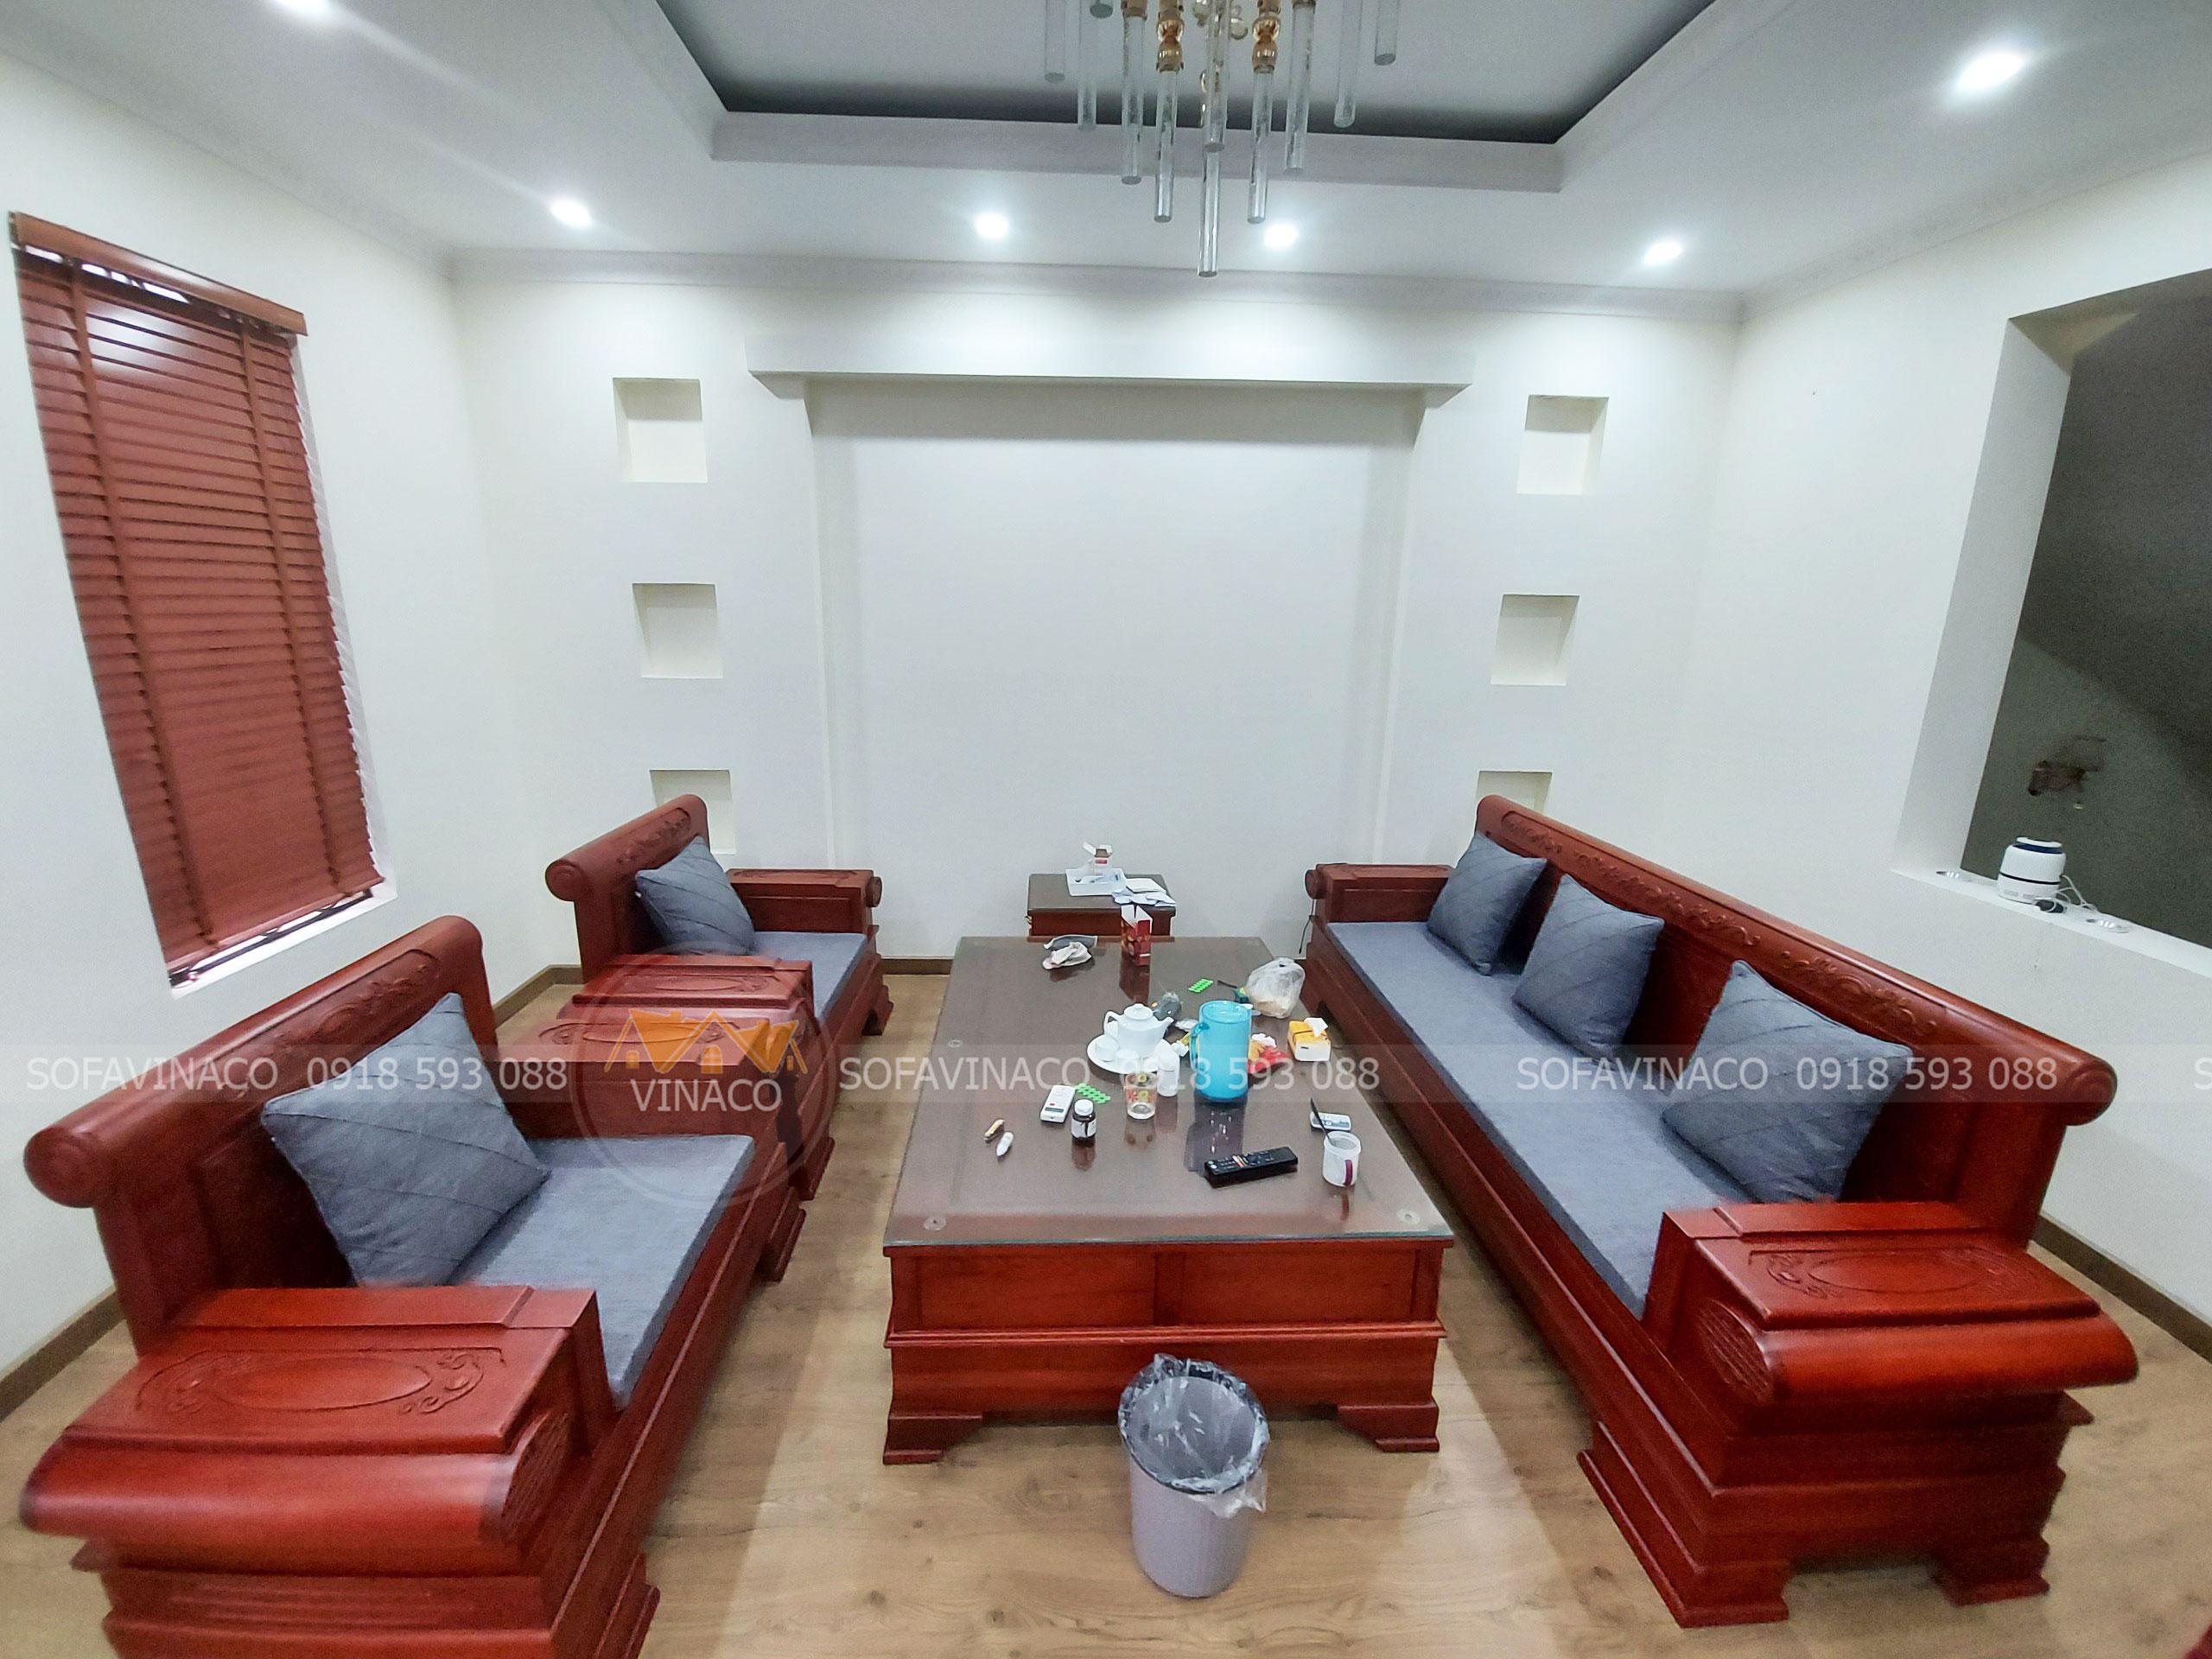 Dịch vụ làm đệm ghế sofa pháo gỗ xoan đào chất lượng tại hai Bà Trưng, Hà Nội